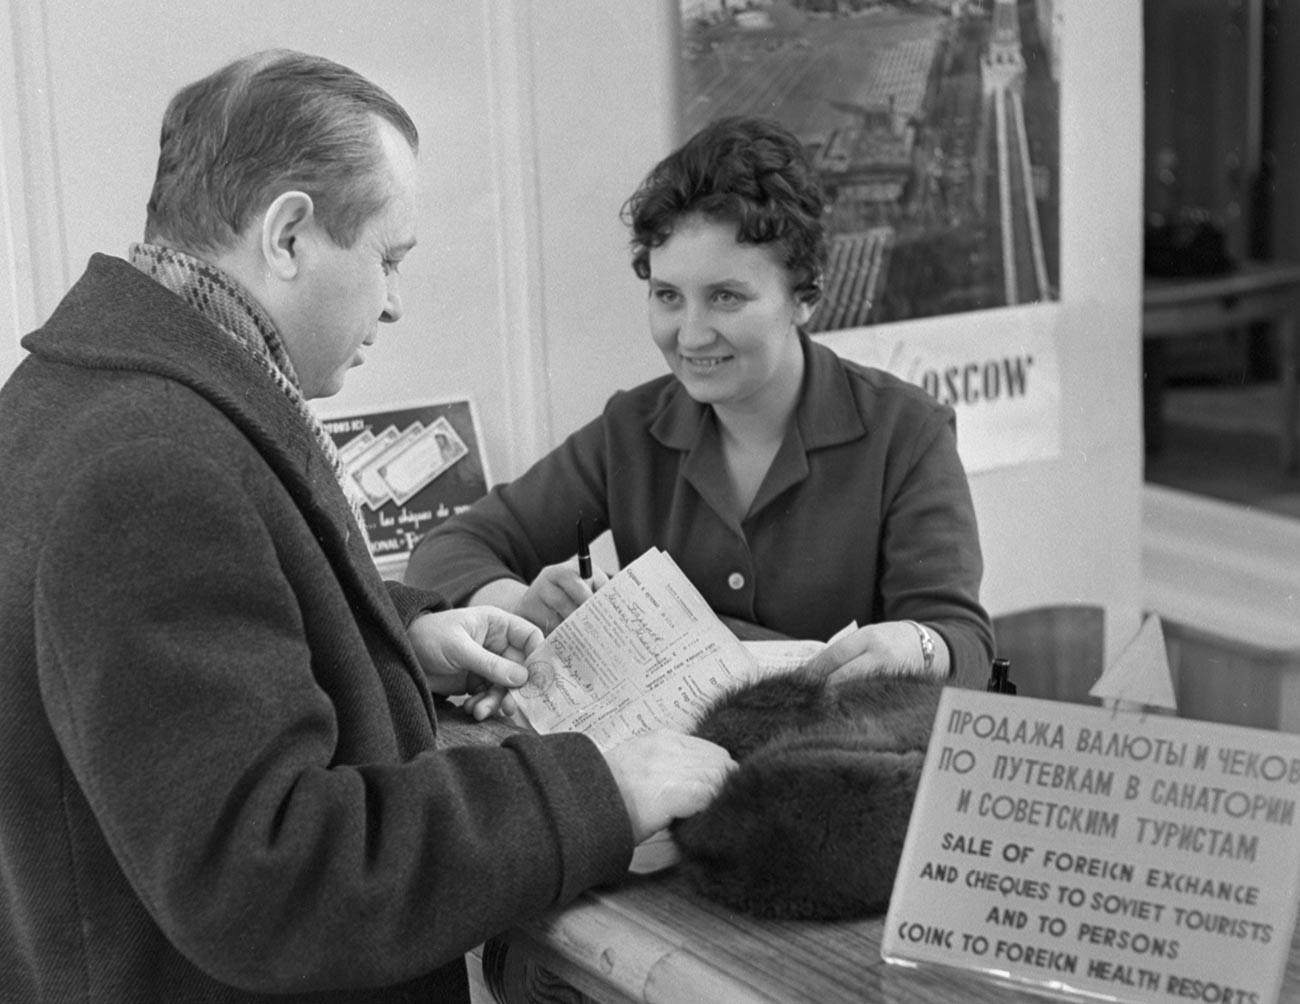 Държавна банка на СССР. Банков служител обслужва посетител.